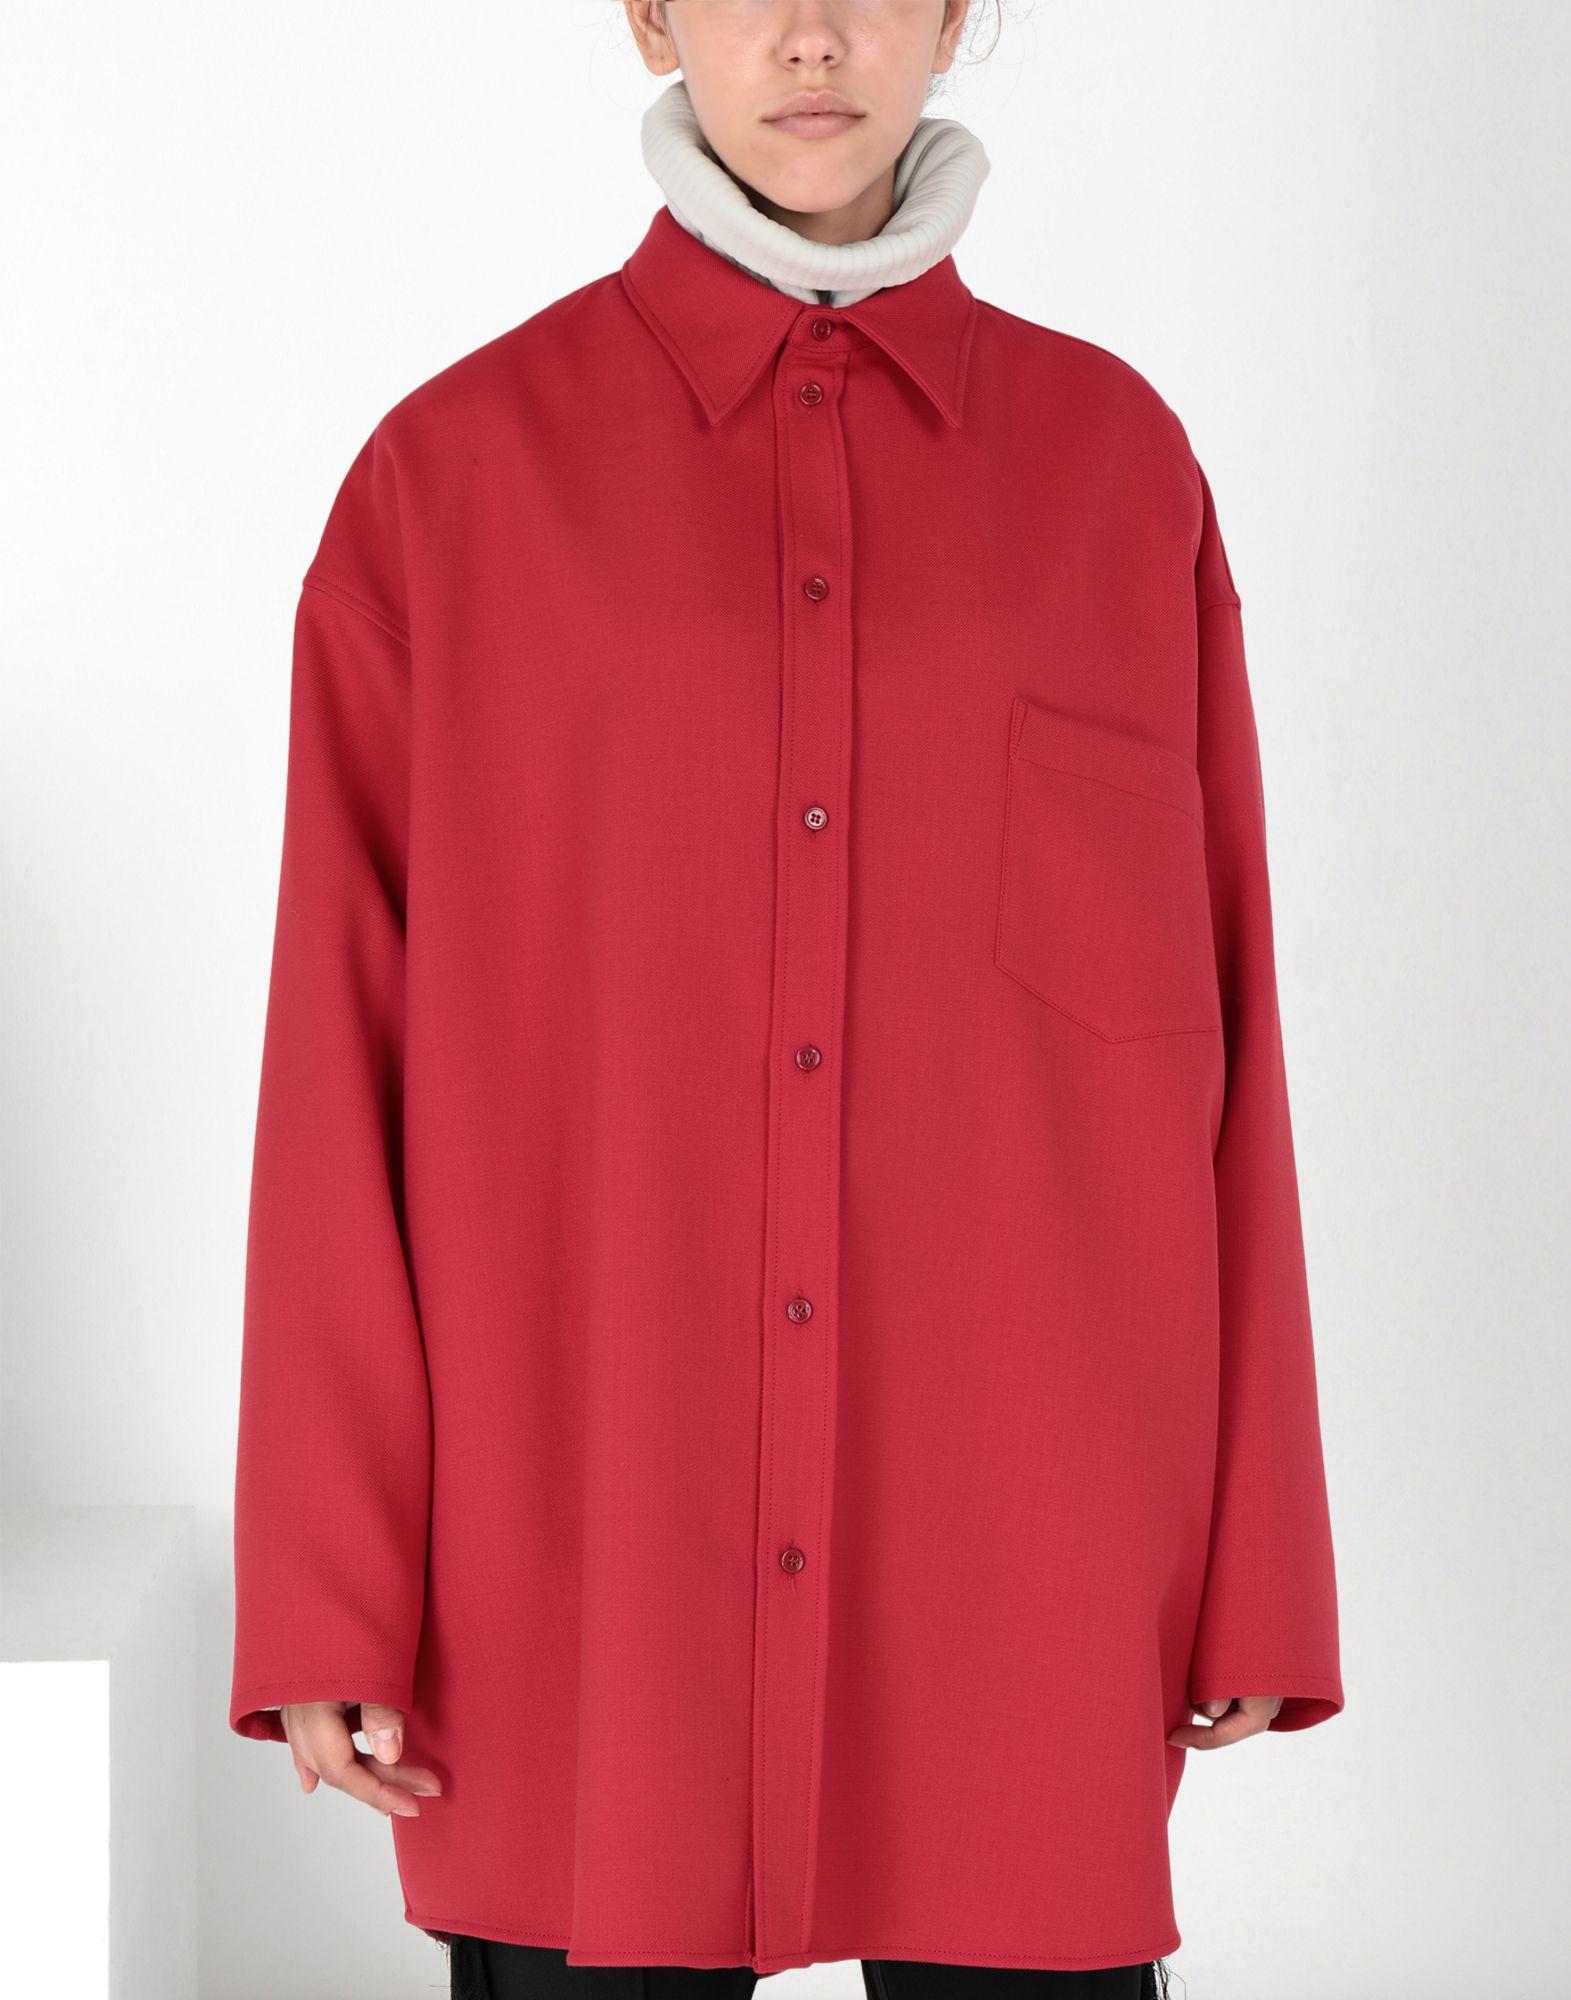 MM6 MAISON MARGIELA Shirt dress Short dress Woman f